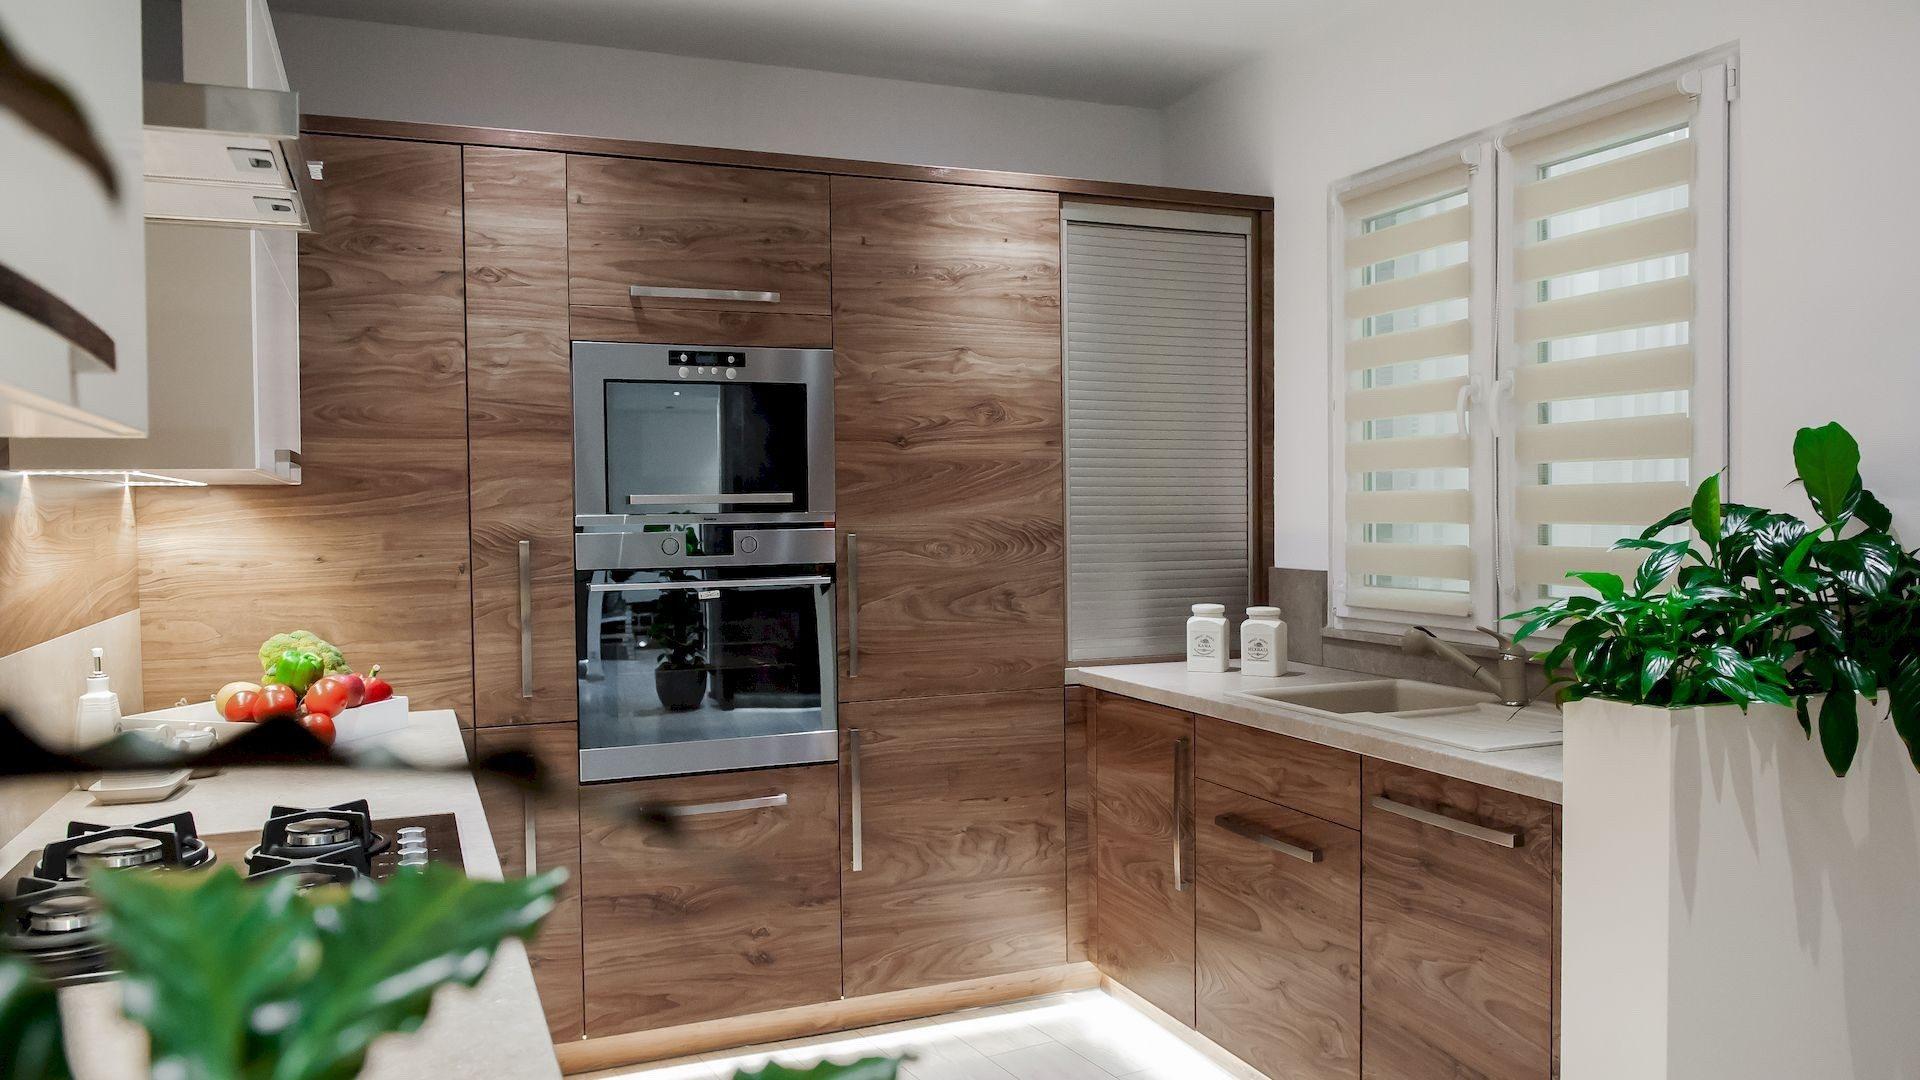 inspirace moderni kuchyne fiorella